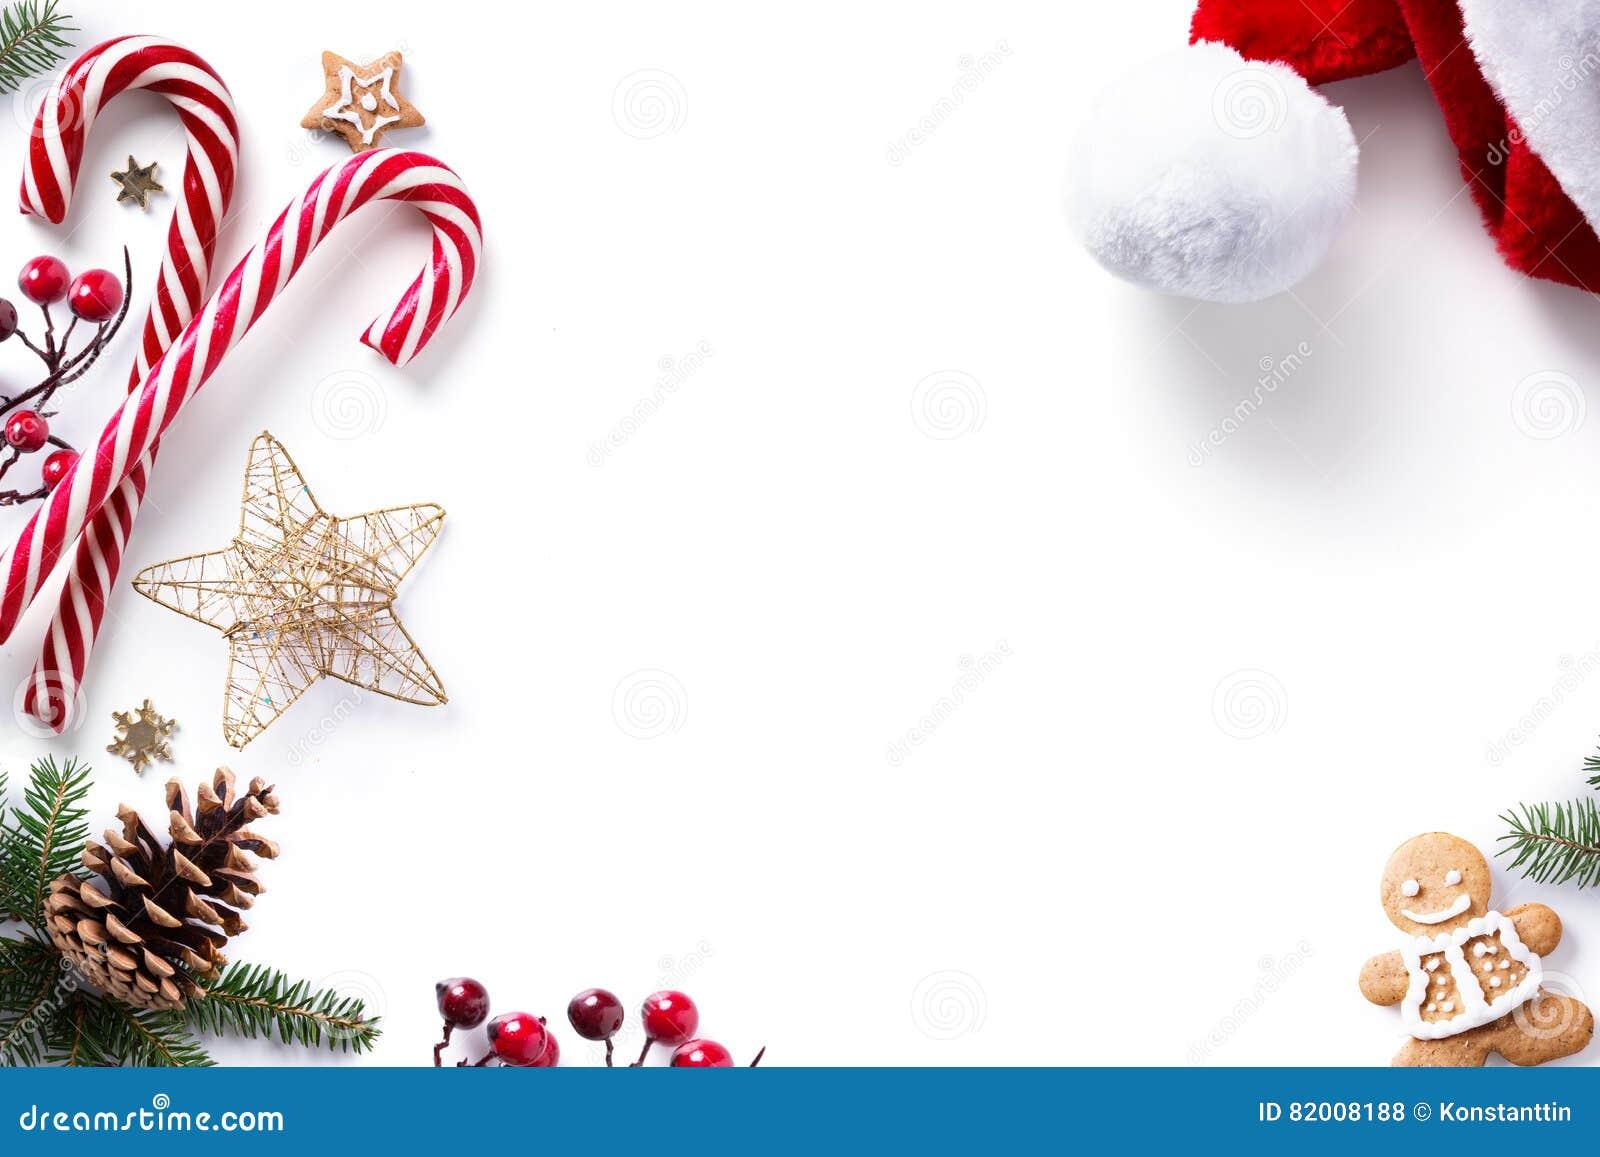 Bożenarodzeniowe dekoracje i wakacje słodcy na białym tle